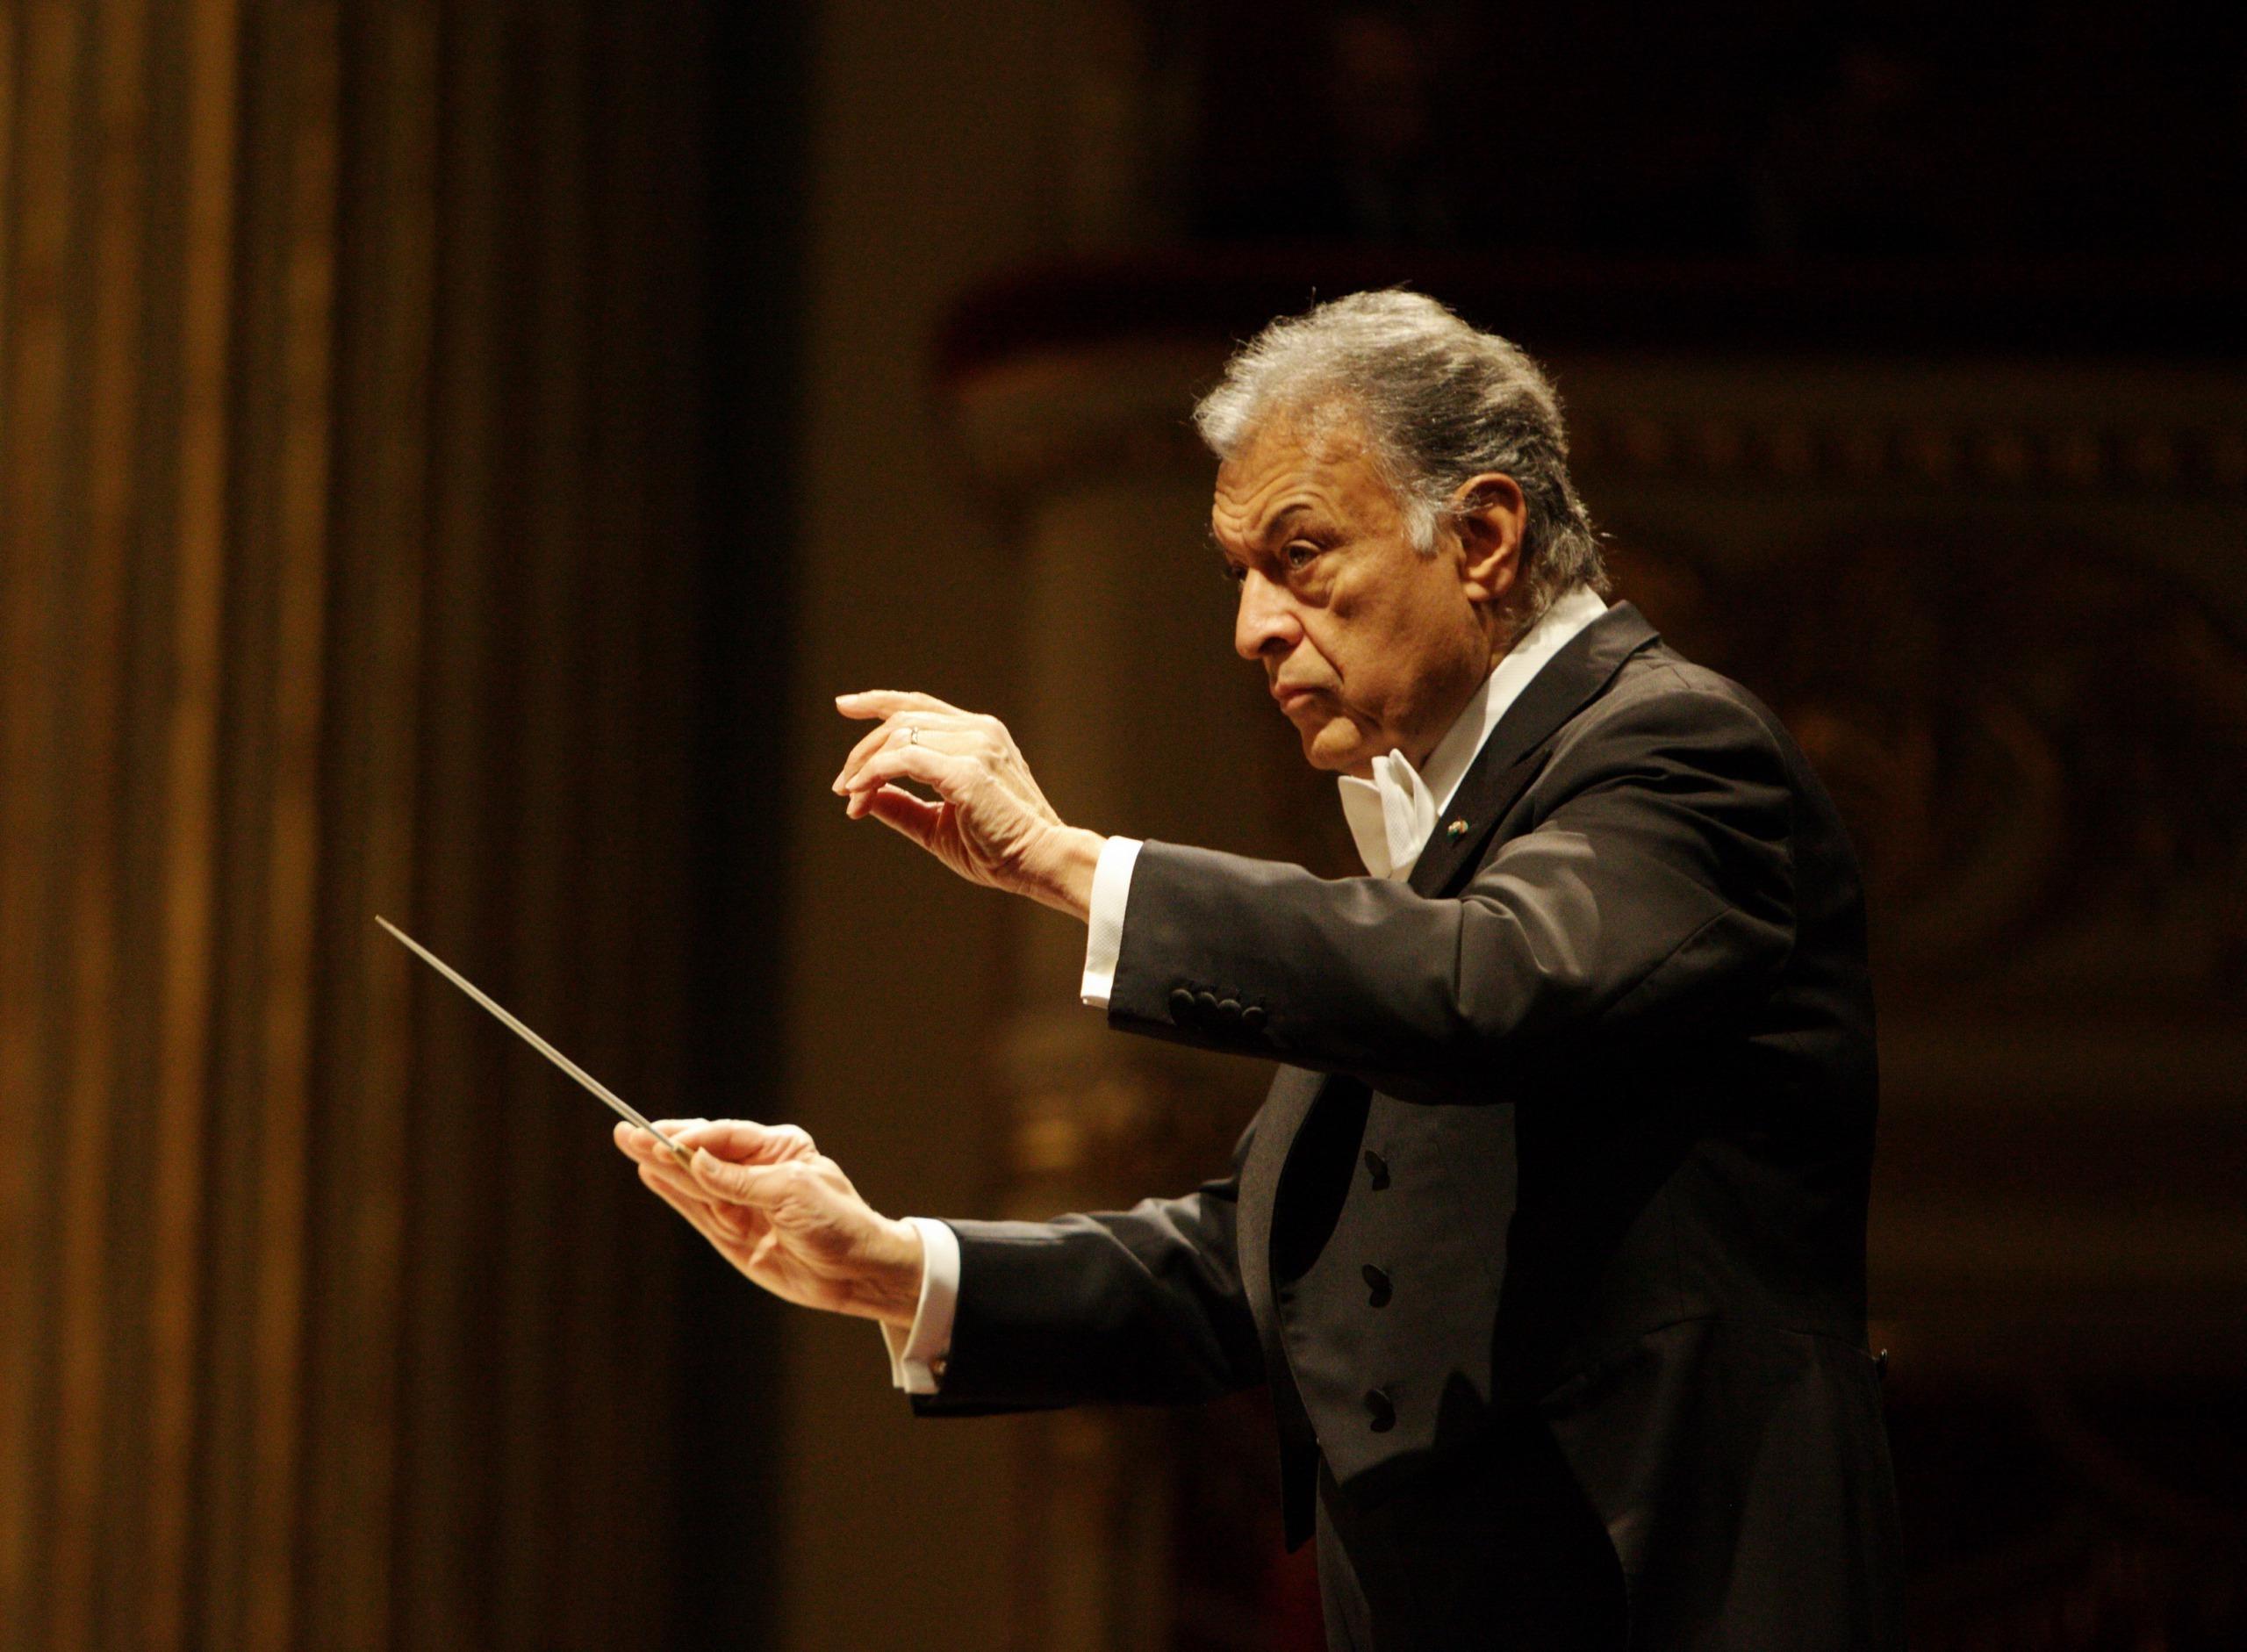 まったく老いを感じさせないズービン・メータも「傘寿」を迎えた (c)Marco Brescia / La Scala